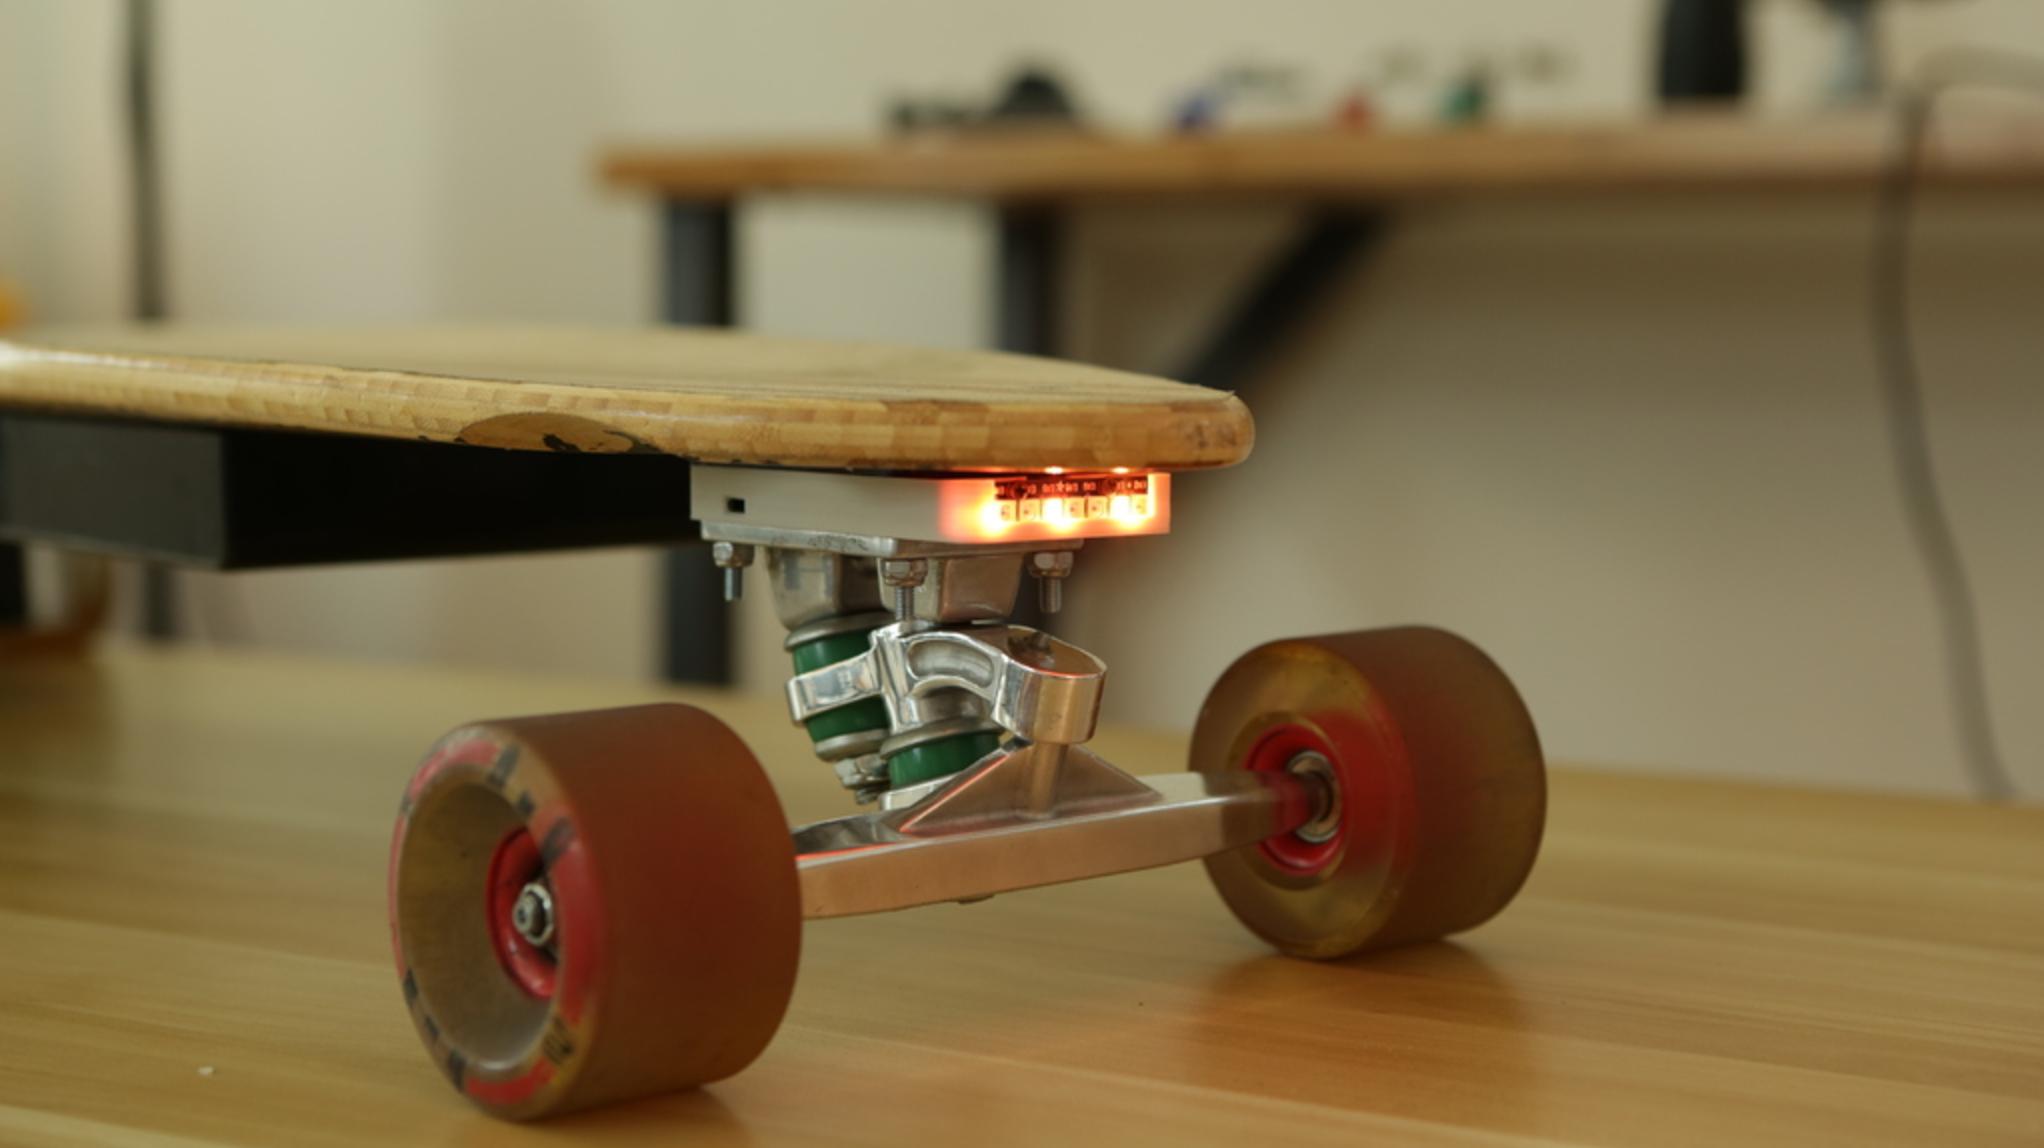 NeoPixel_LED_Truck_Riser_for_Skateboard_Longboard.png Download free STL file NeoPixel LED Truck Riser for Skateboard Longboard • 3D printable object, Adafruit